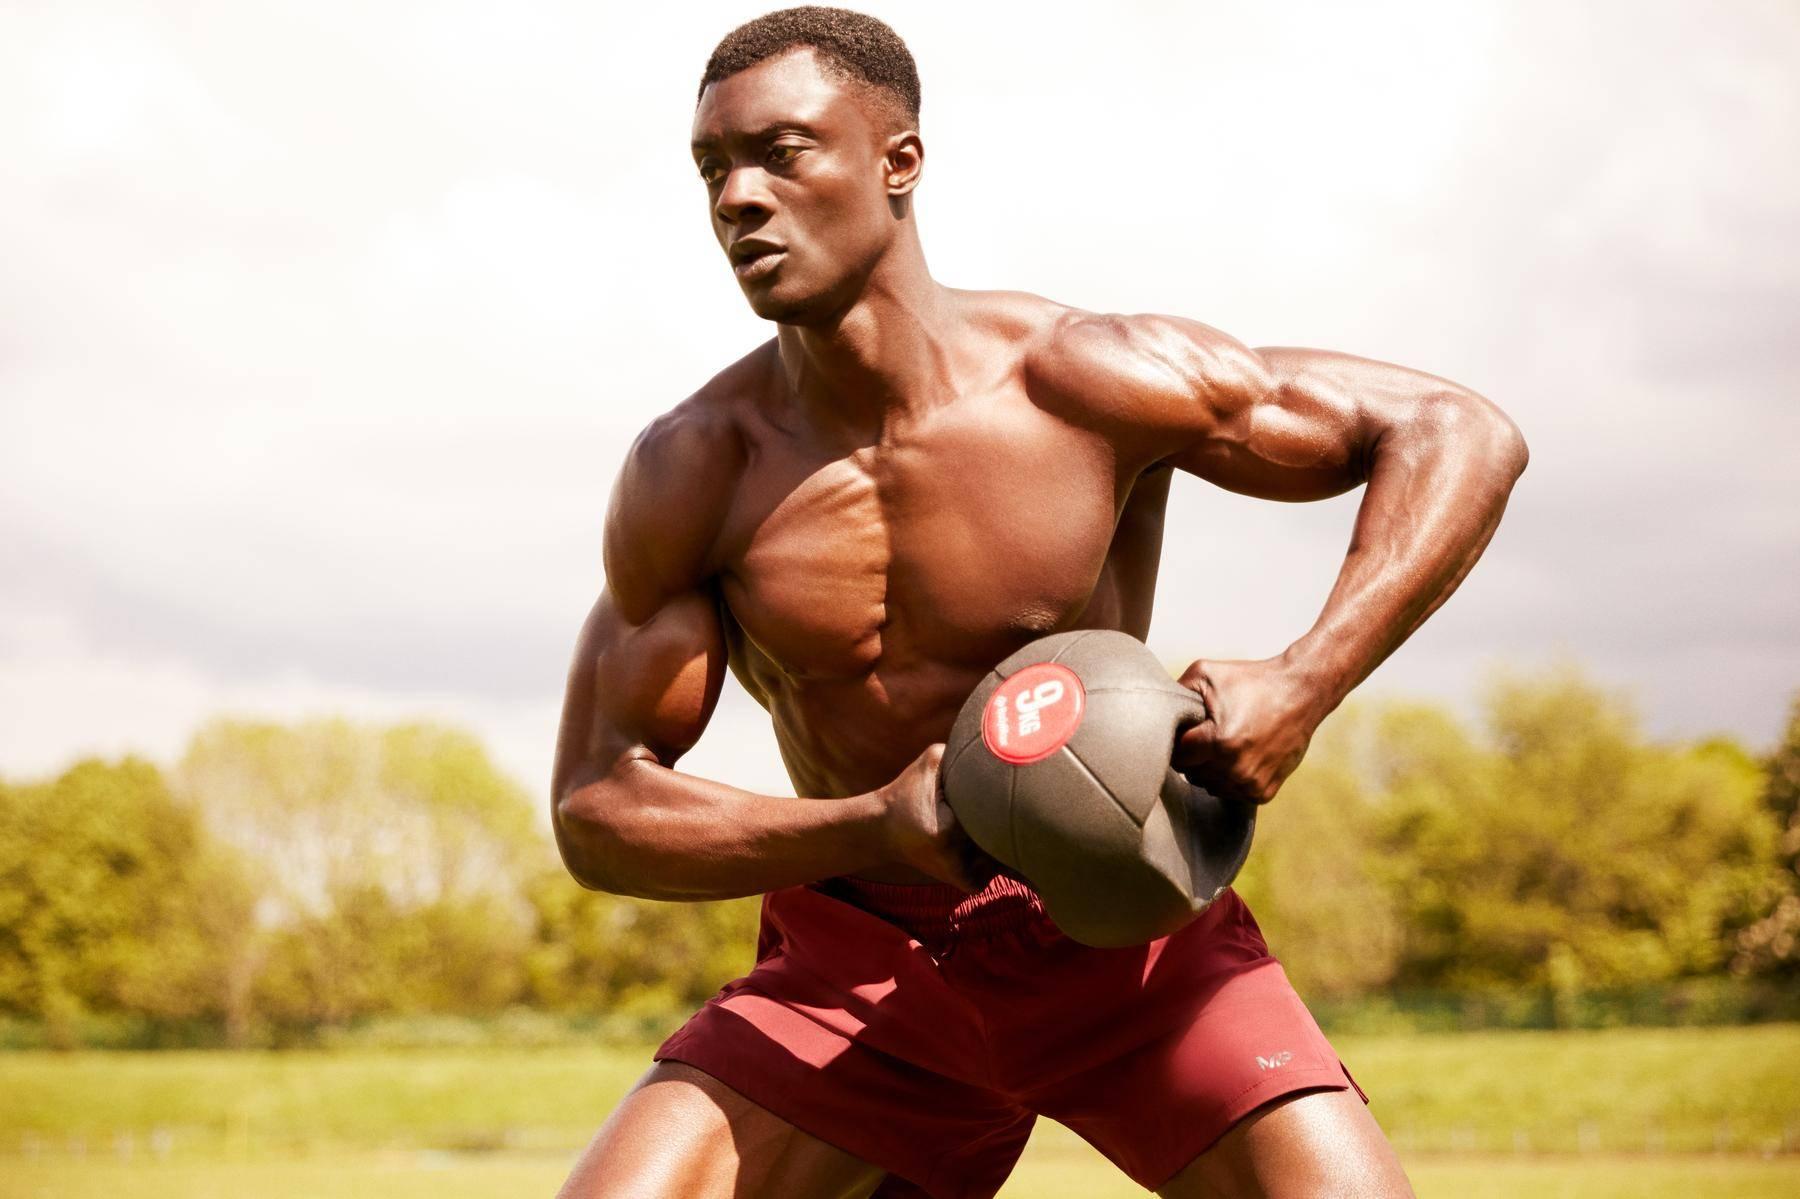 Wie du deine aufgebaute Muskulatur durch deine Ernährung bewahren kannst